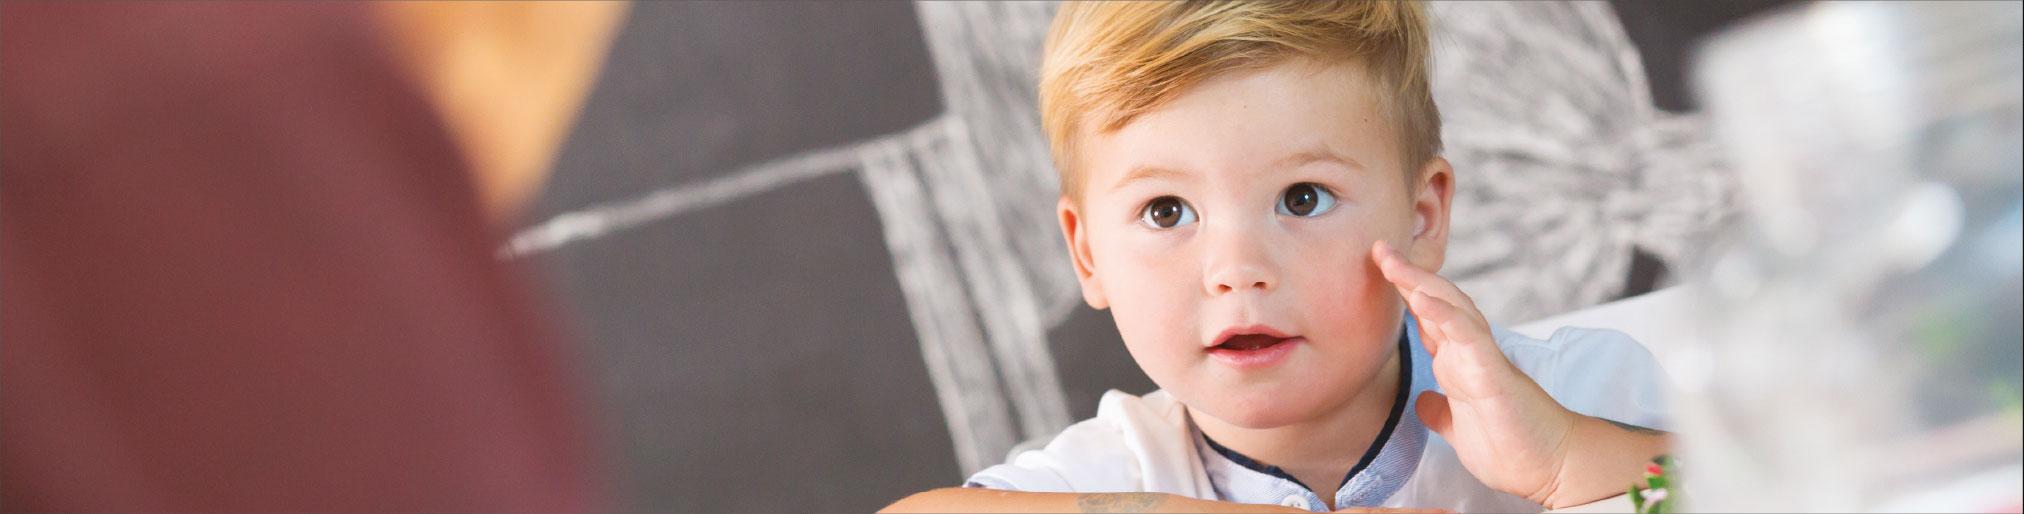 Enfant blond